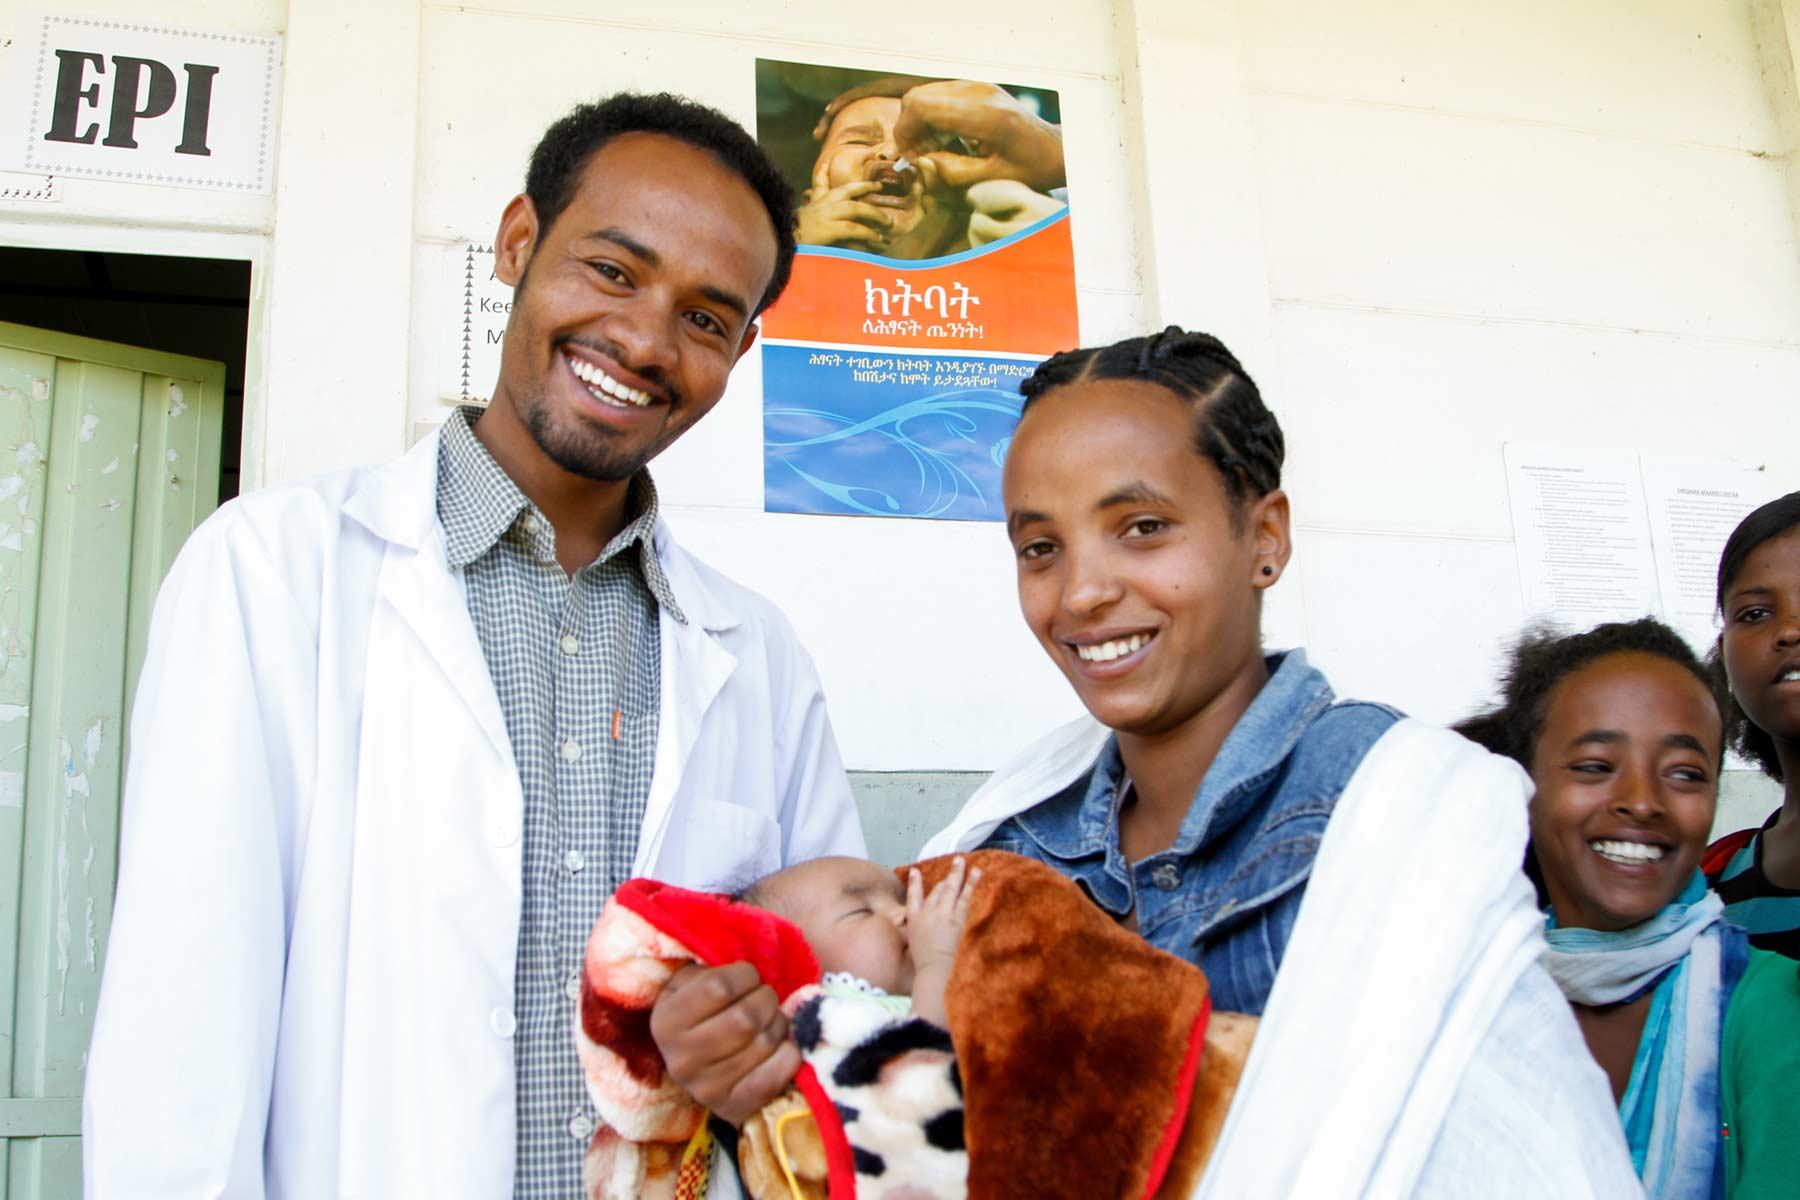 Doktor und Patientin lächeln in die Kamera mit Kind im Arm